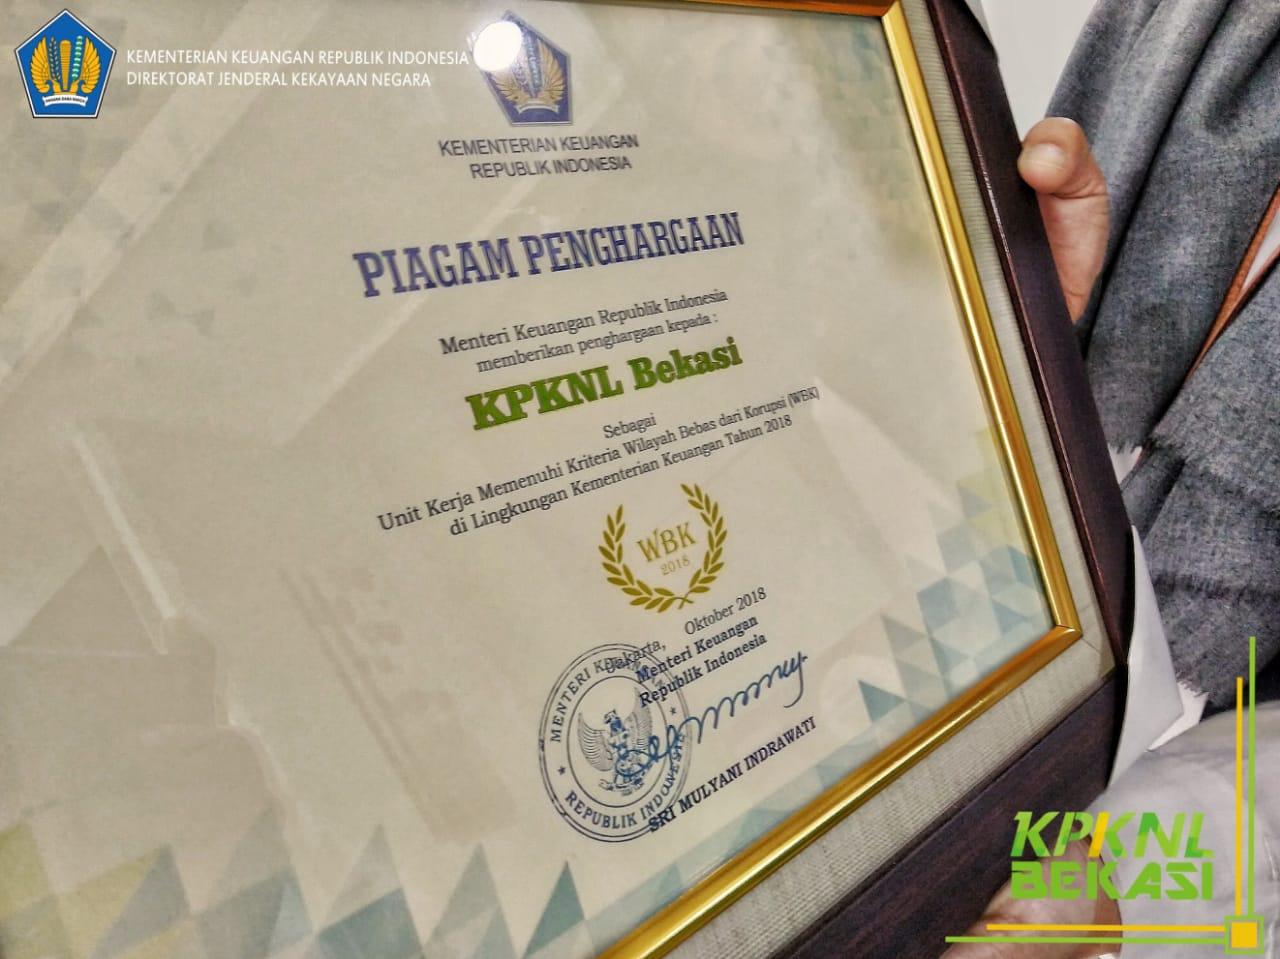 KPKNL BEKASI sebagai Unit Kerja yang memenuhi Kriteria Wilayah Bebas dari Korupsi (WBK) tahun 2018